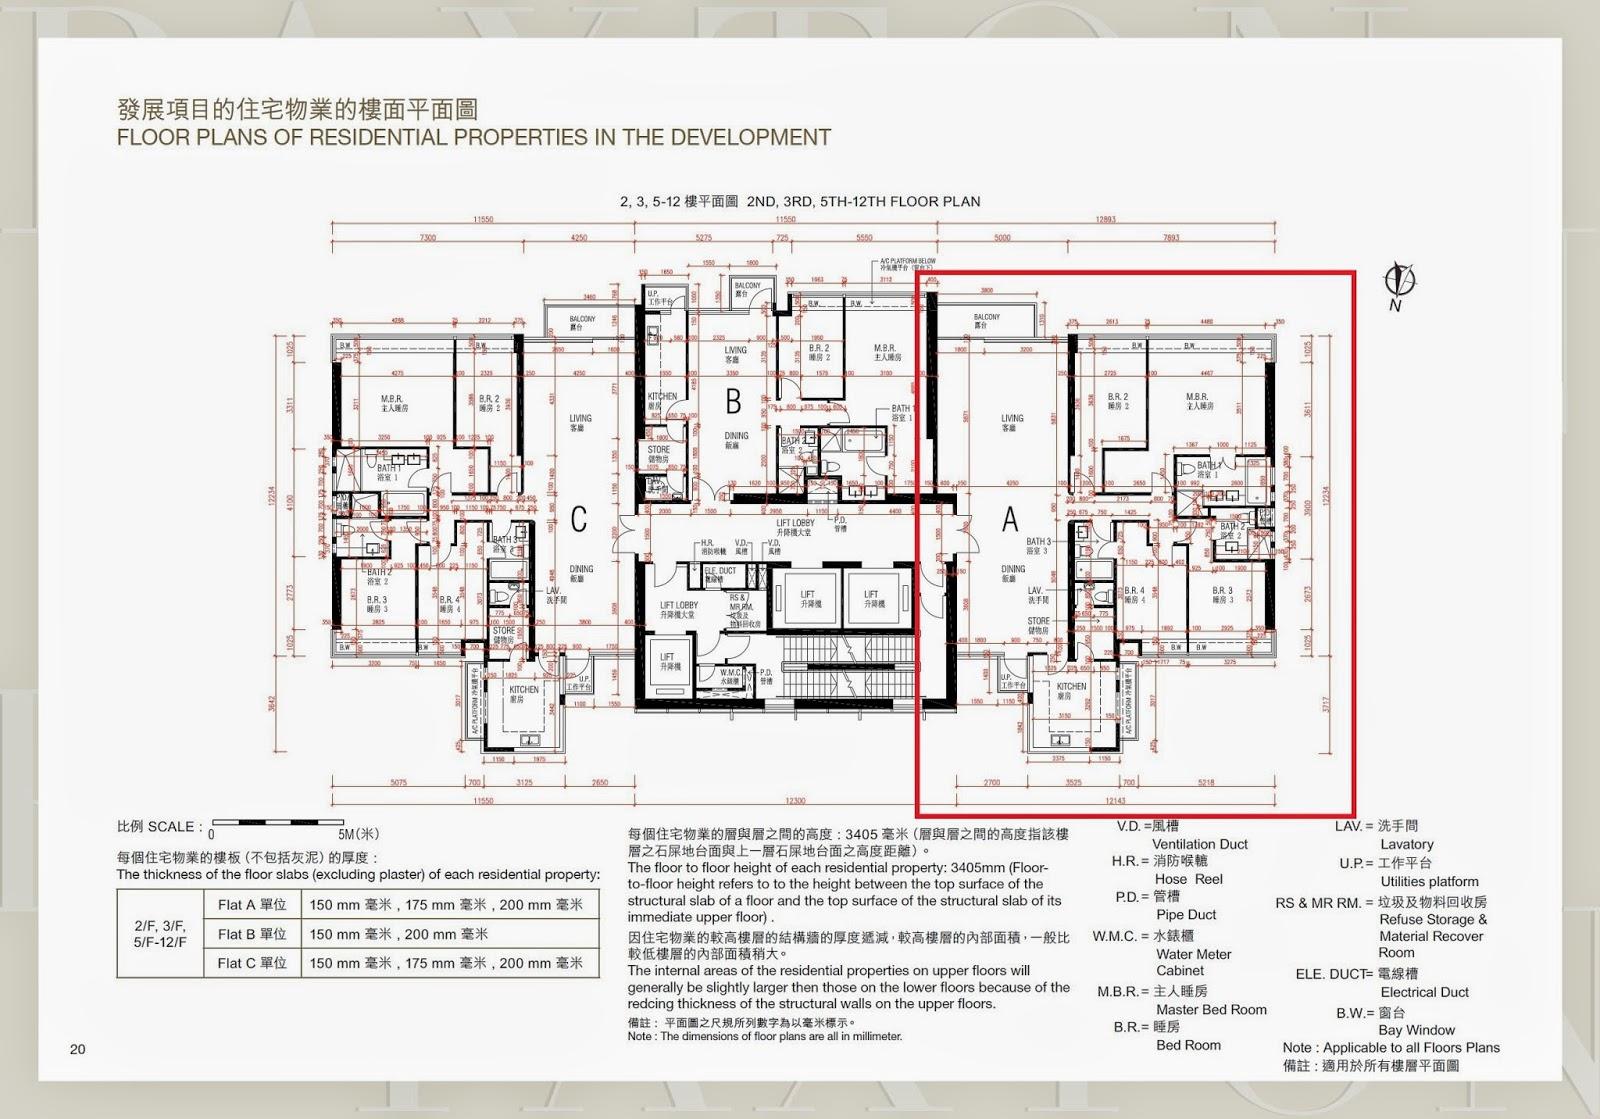 「地產小子」的夢想家: 雋瓏四房三套:永義國際半億賣南北對流屋